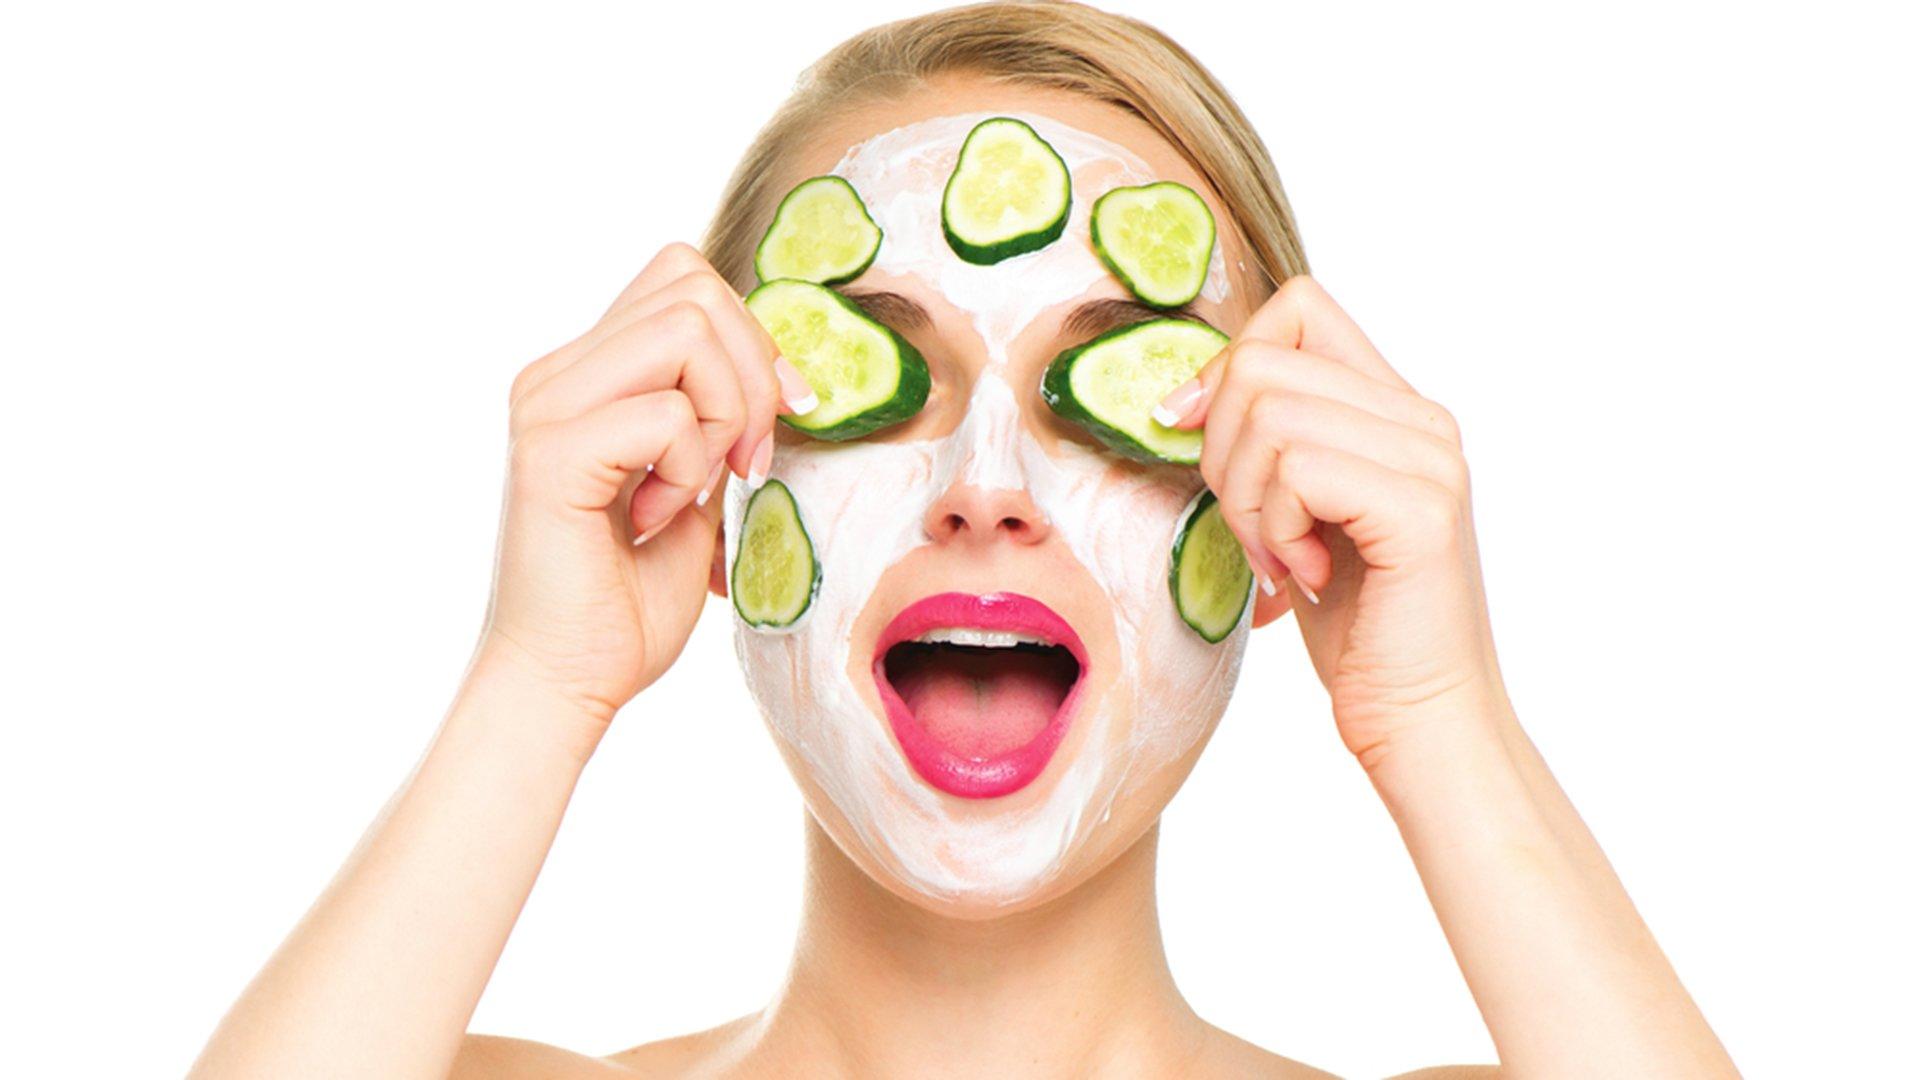 5 نکته مهمی که با عمل به آنها پوست سالم و بدون لک خواهید داشت